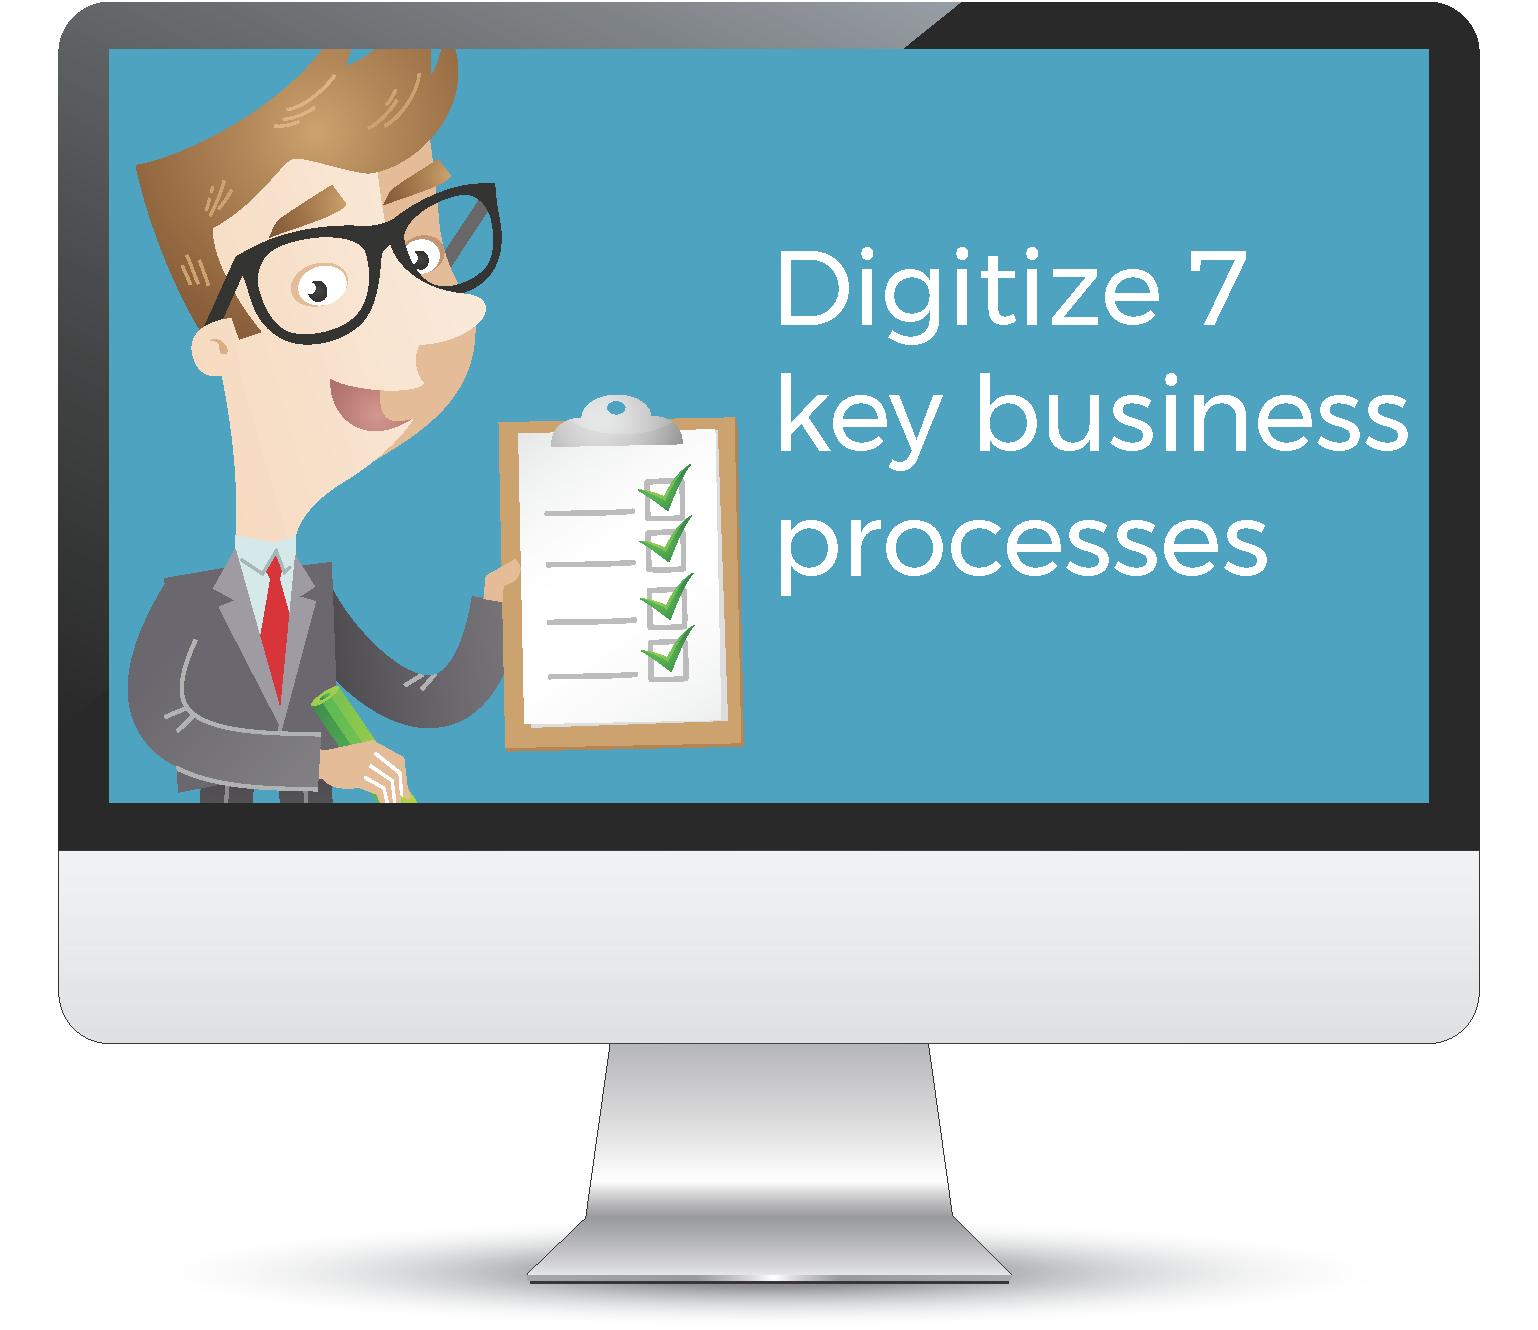 Digitize business processes